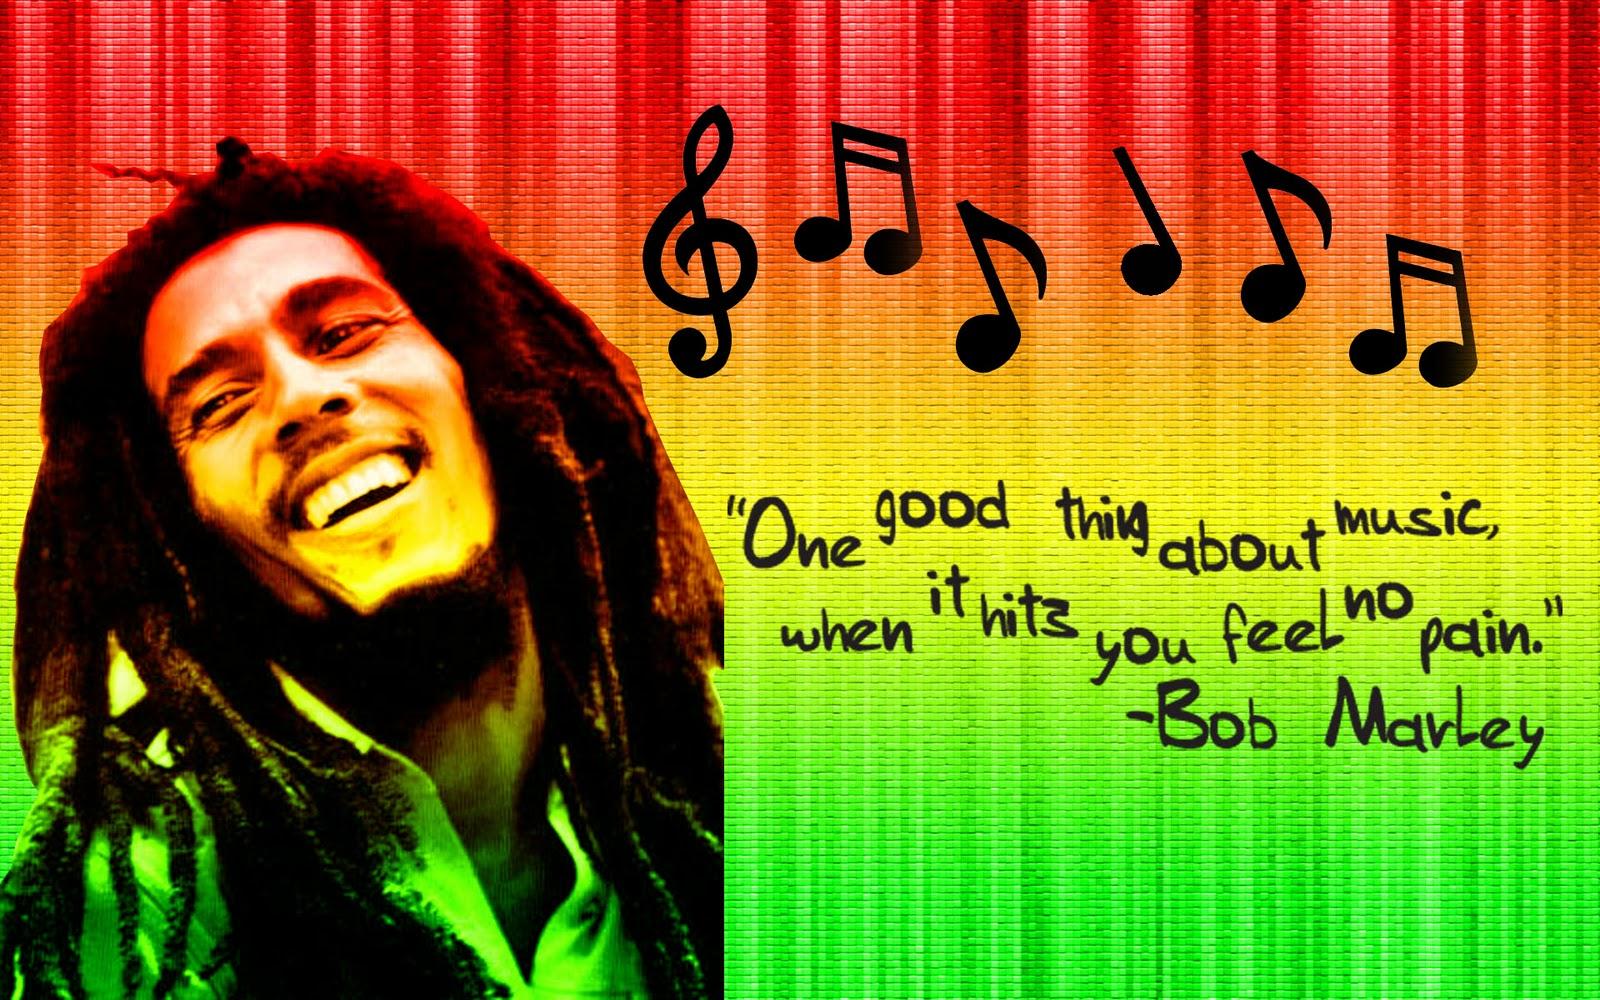 Rastafarian Bob Marley Quotes